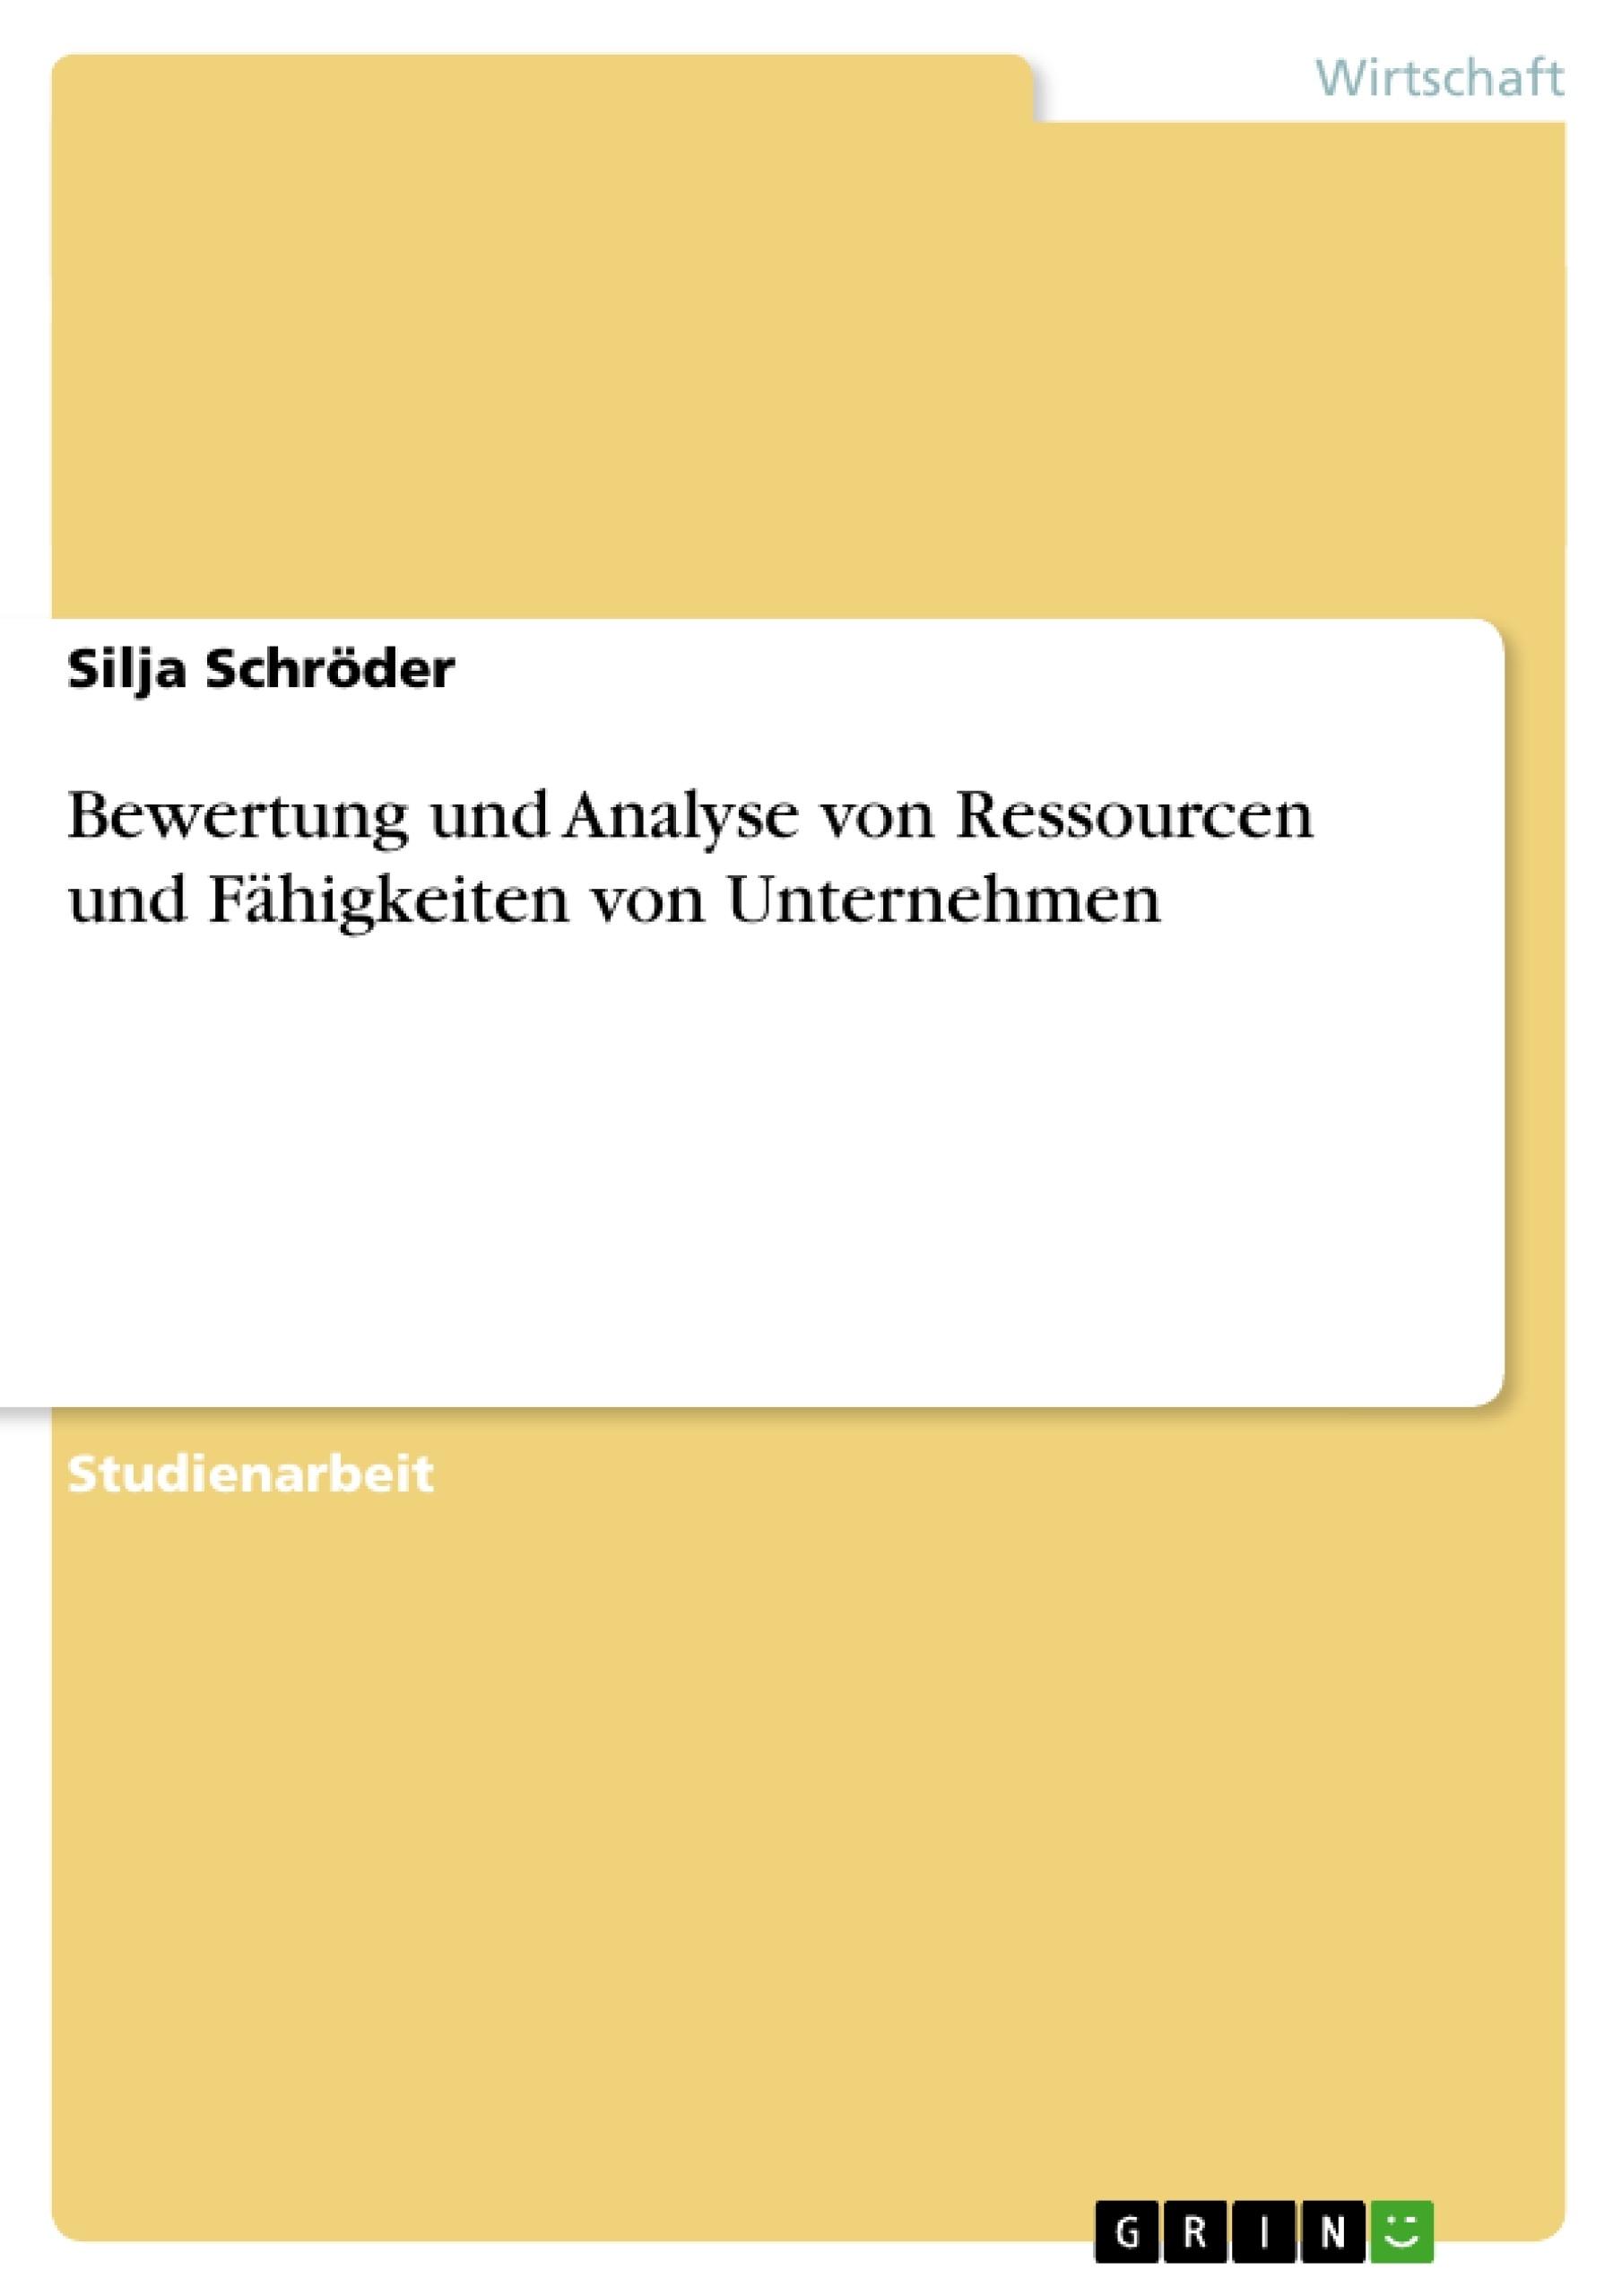 Titel: Bewertung und Analyse von Ressourcen und Fähigkeiten von Unternehmen